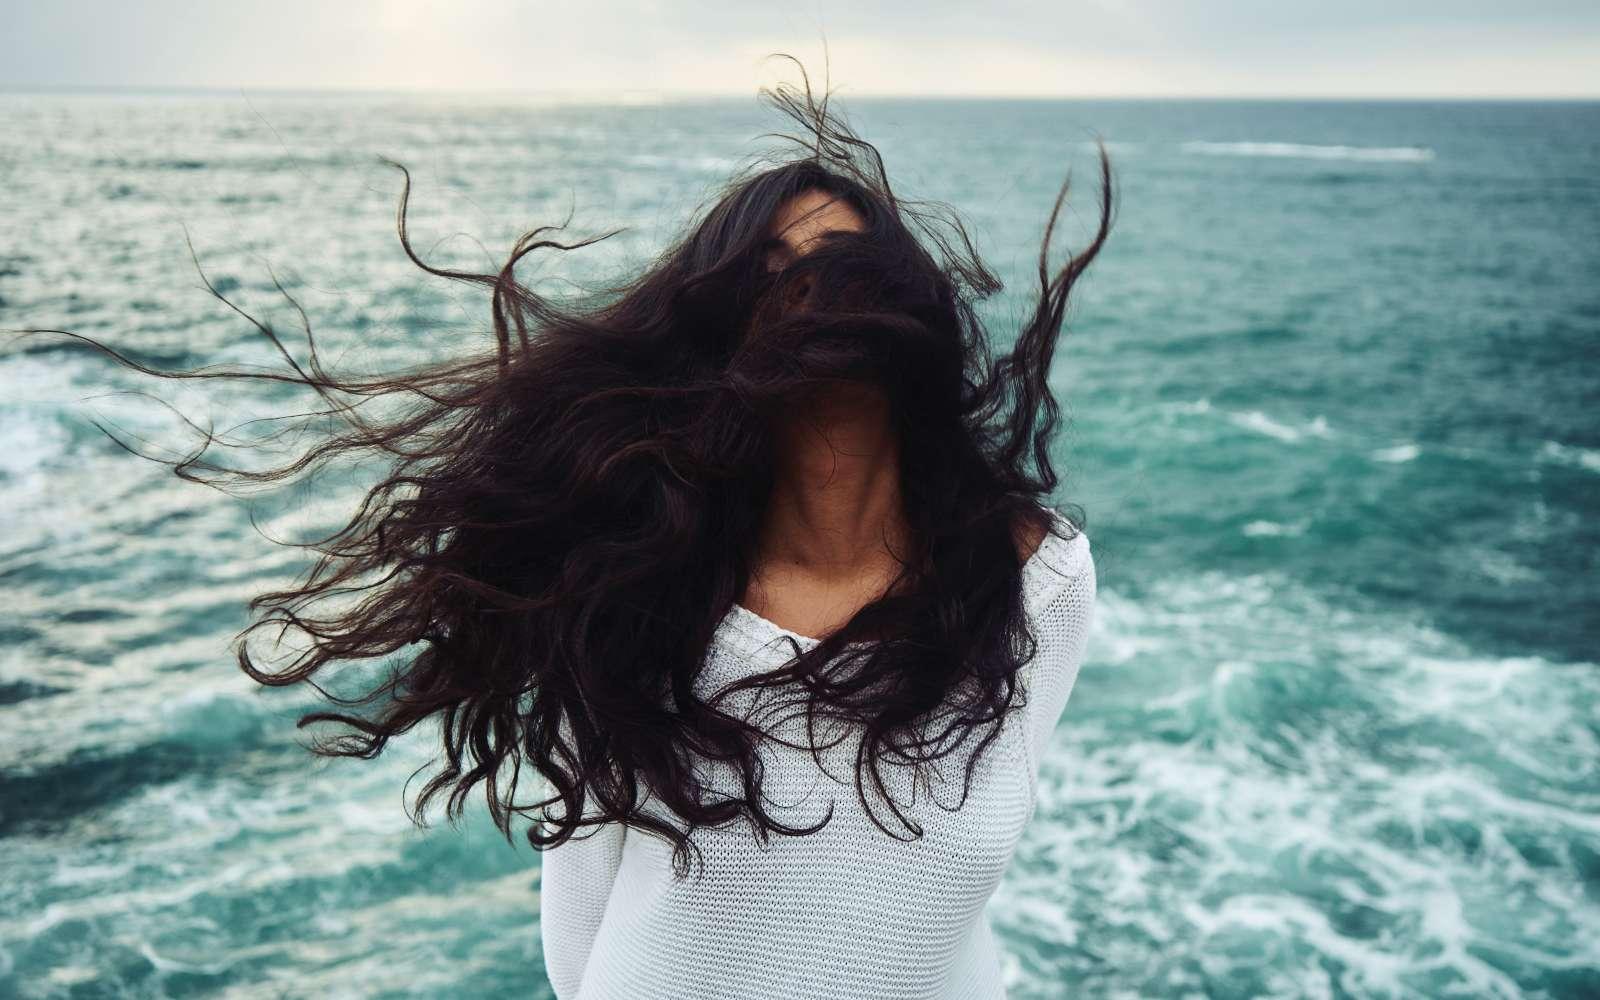 ragazza mora al mare con capelli rovinati al vento